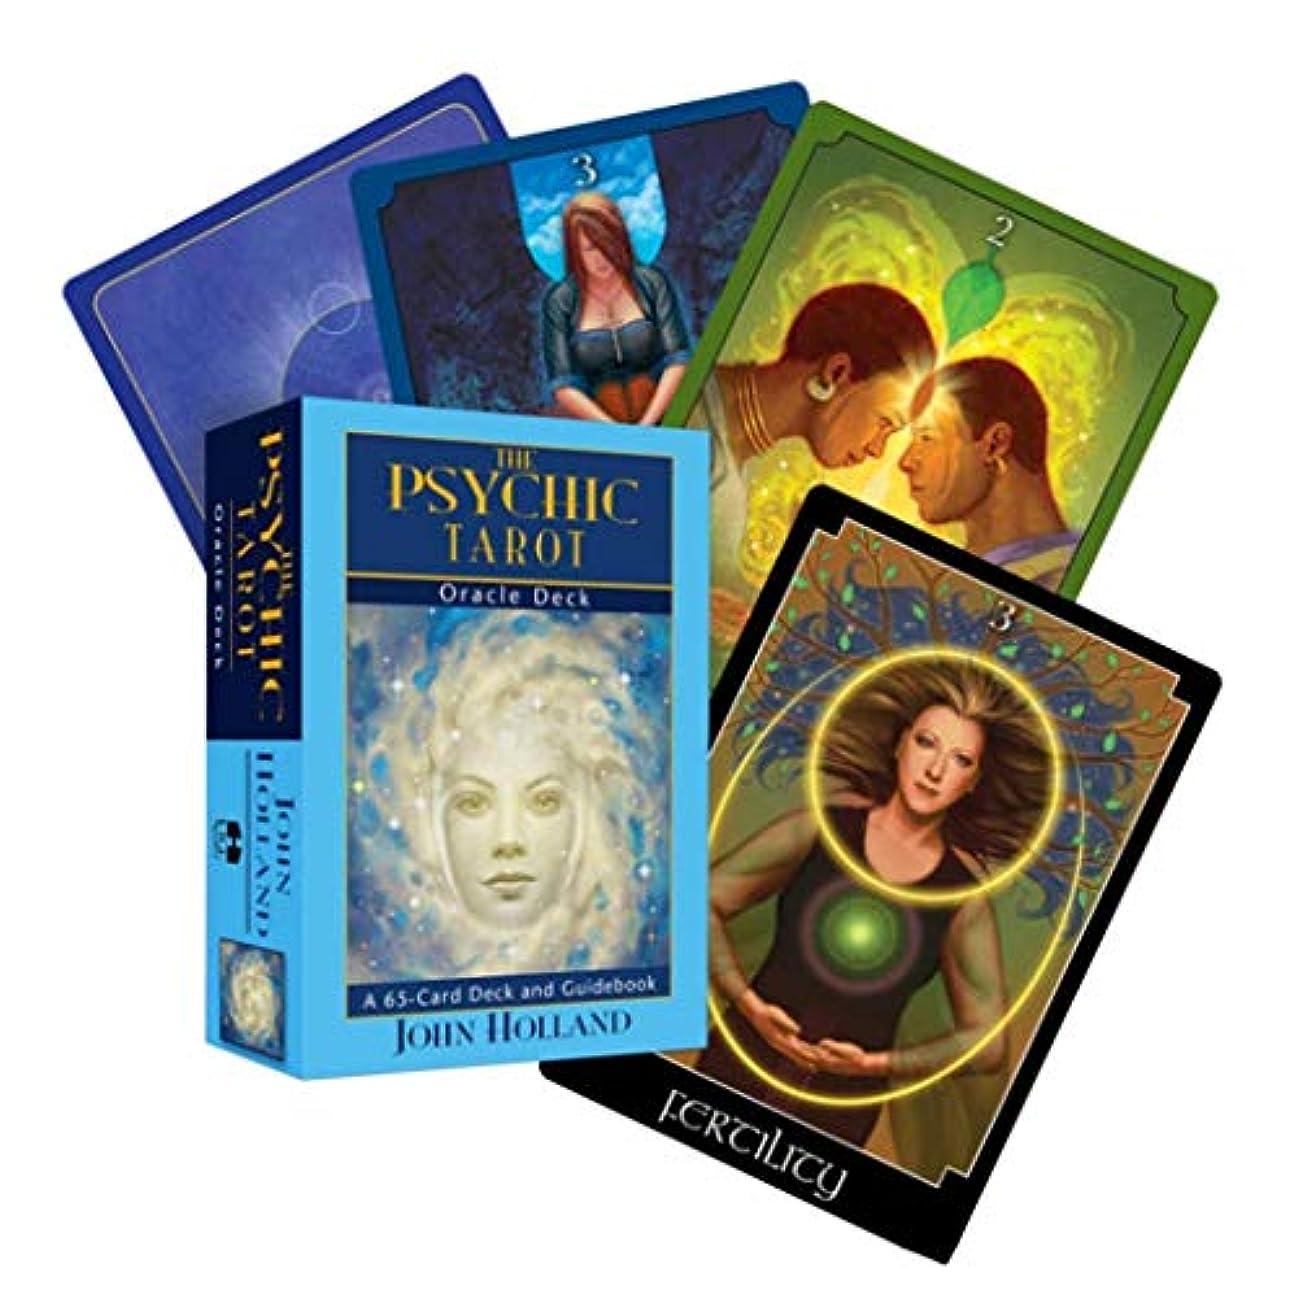 盟主消去コテージManyao(The Psychic Tarot)65枚タロットカードデッキとガイドブック運命の占い、フルイングリッシュボードゲーム、オラクルのトランプ